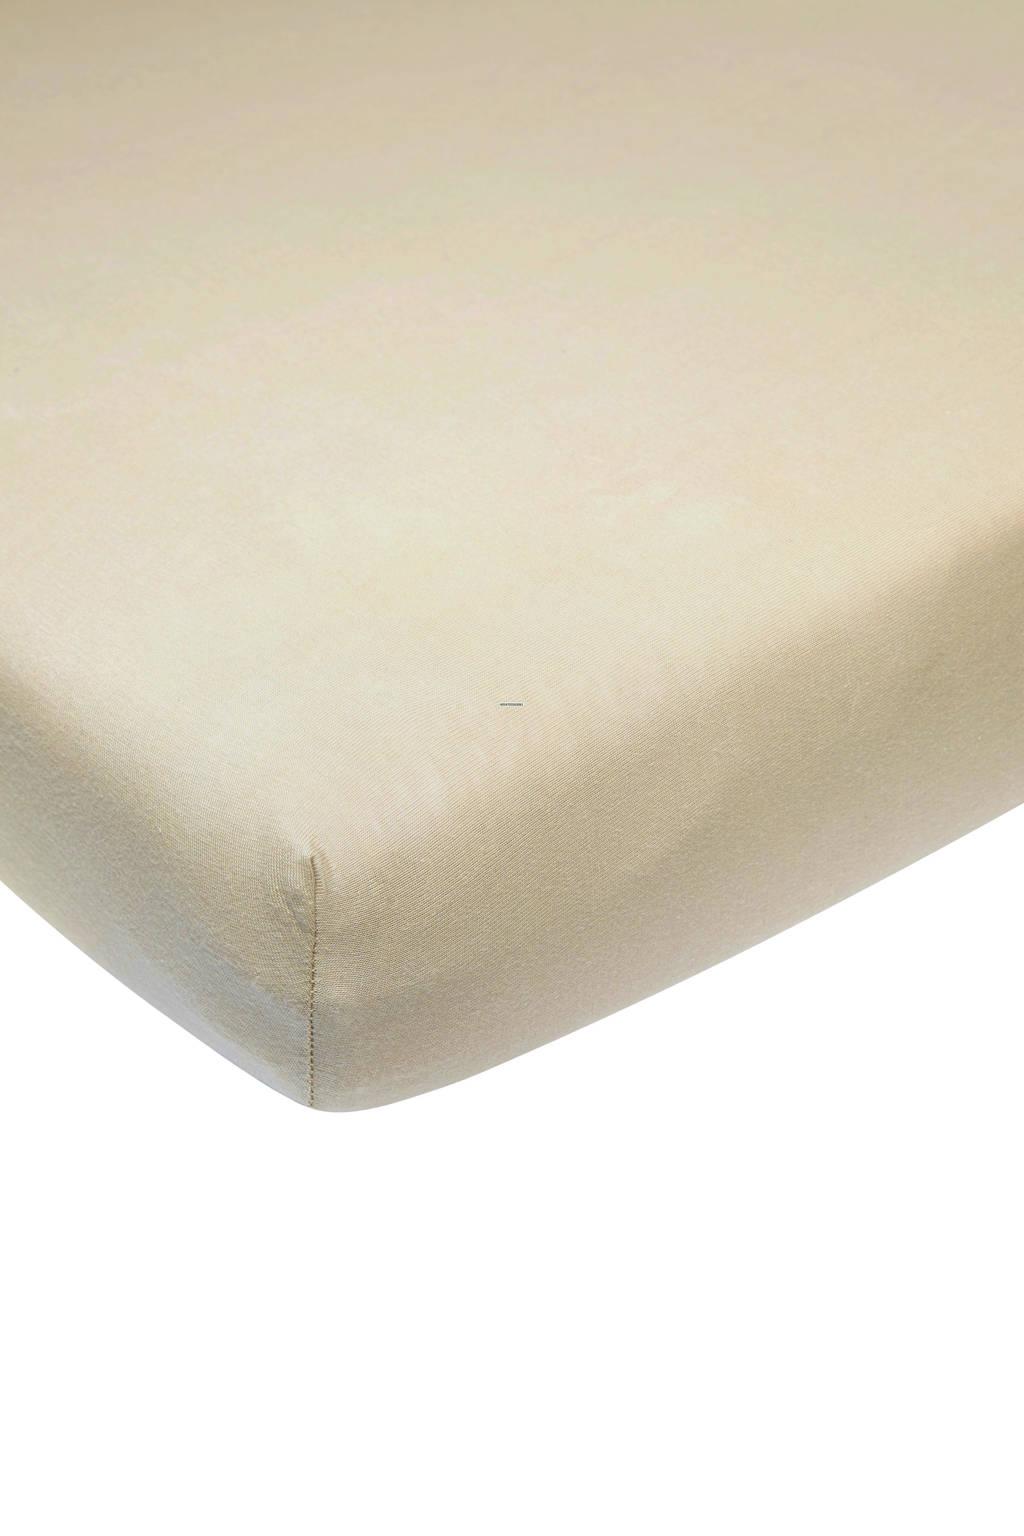 Meyco katoenen jersey hoeslaken wieg 40x80/90 cm Zand